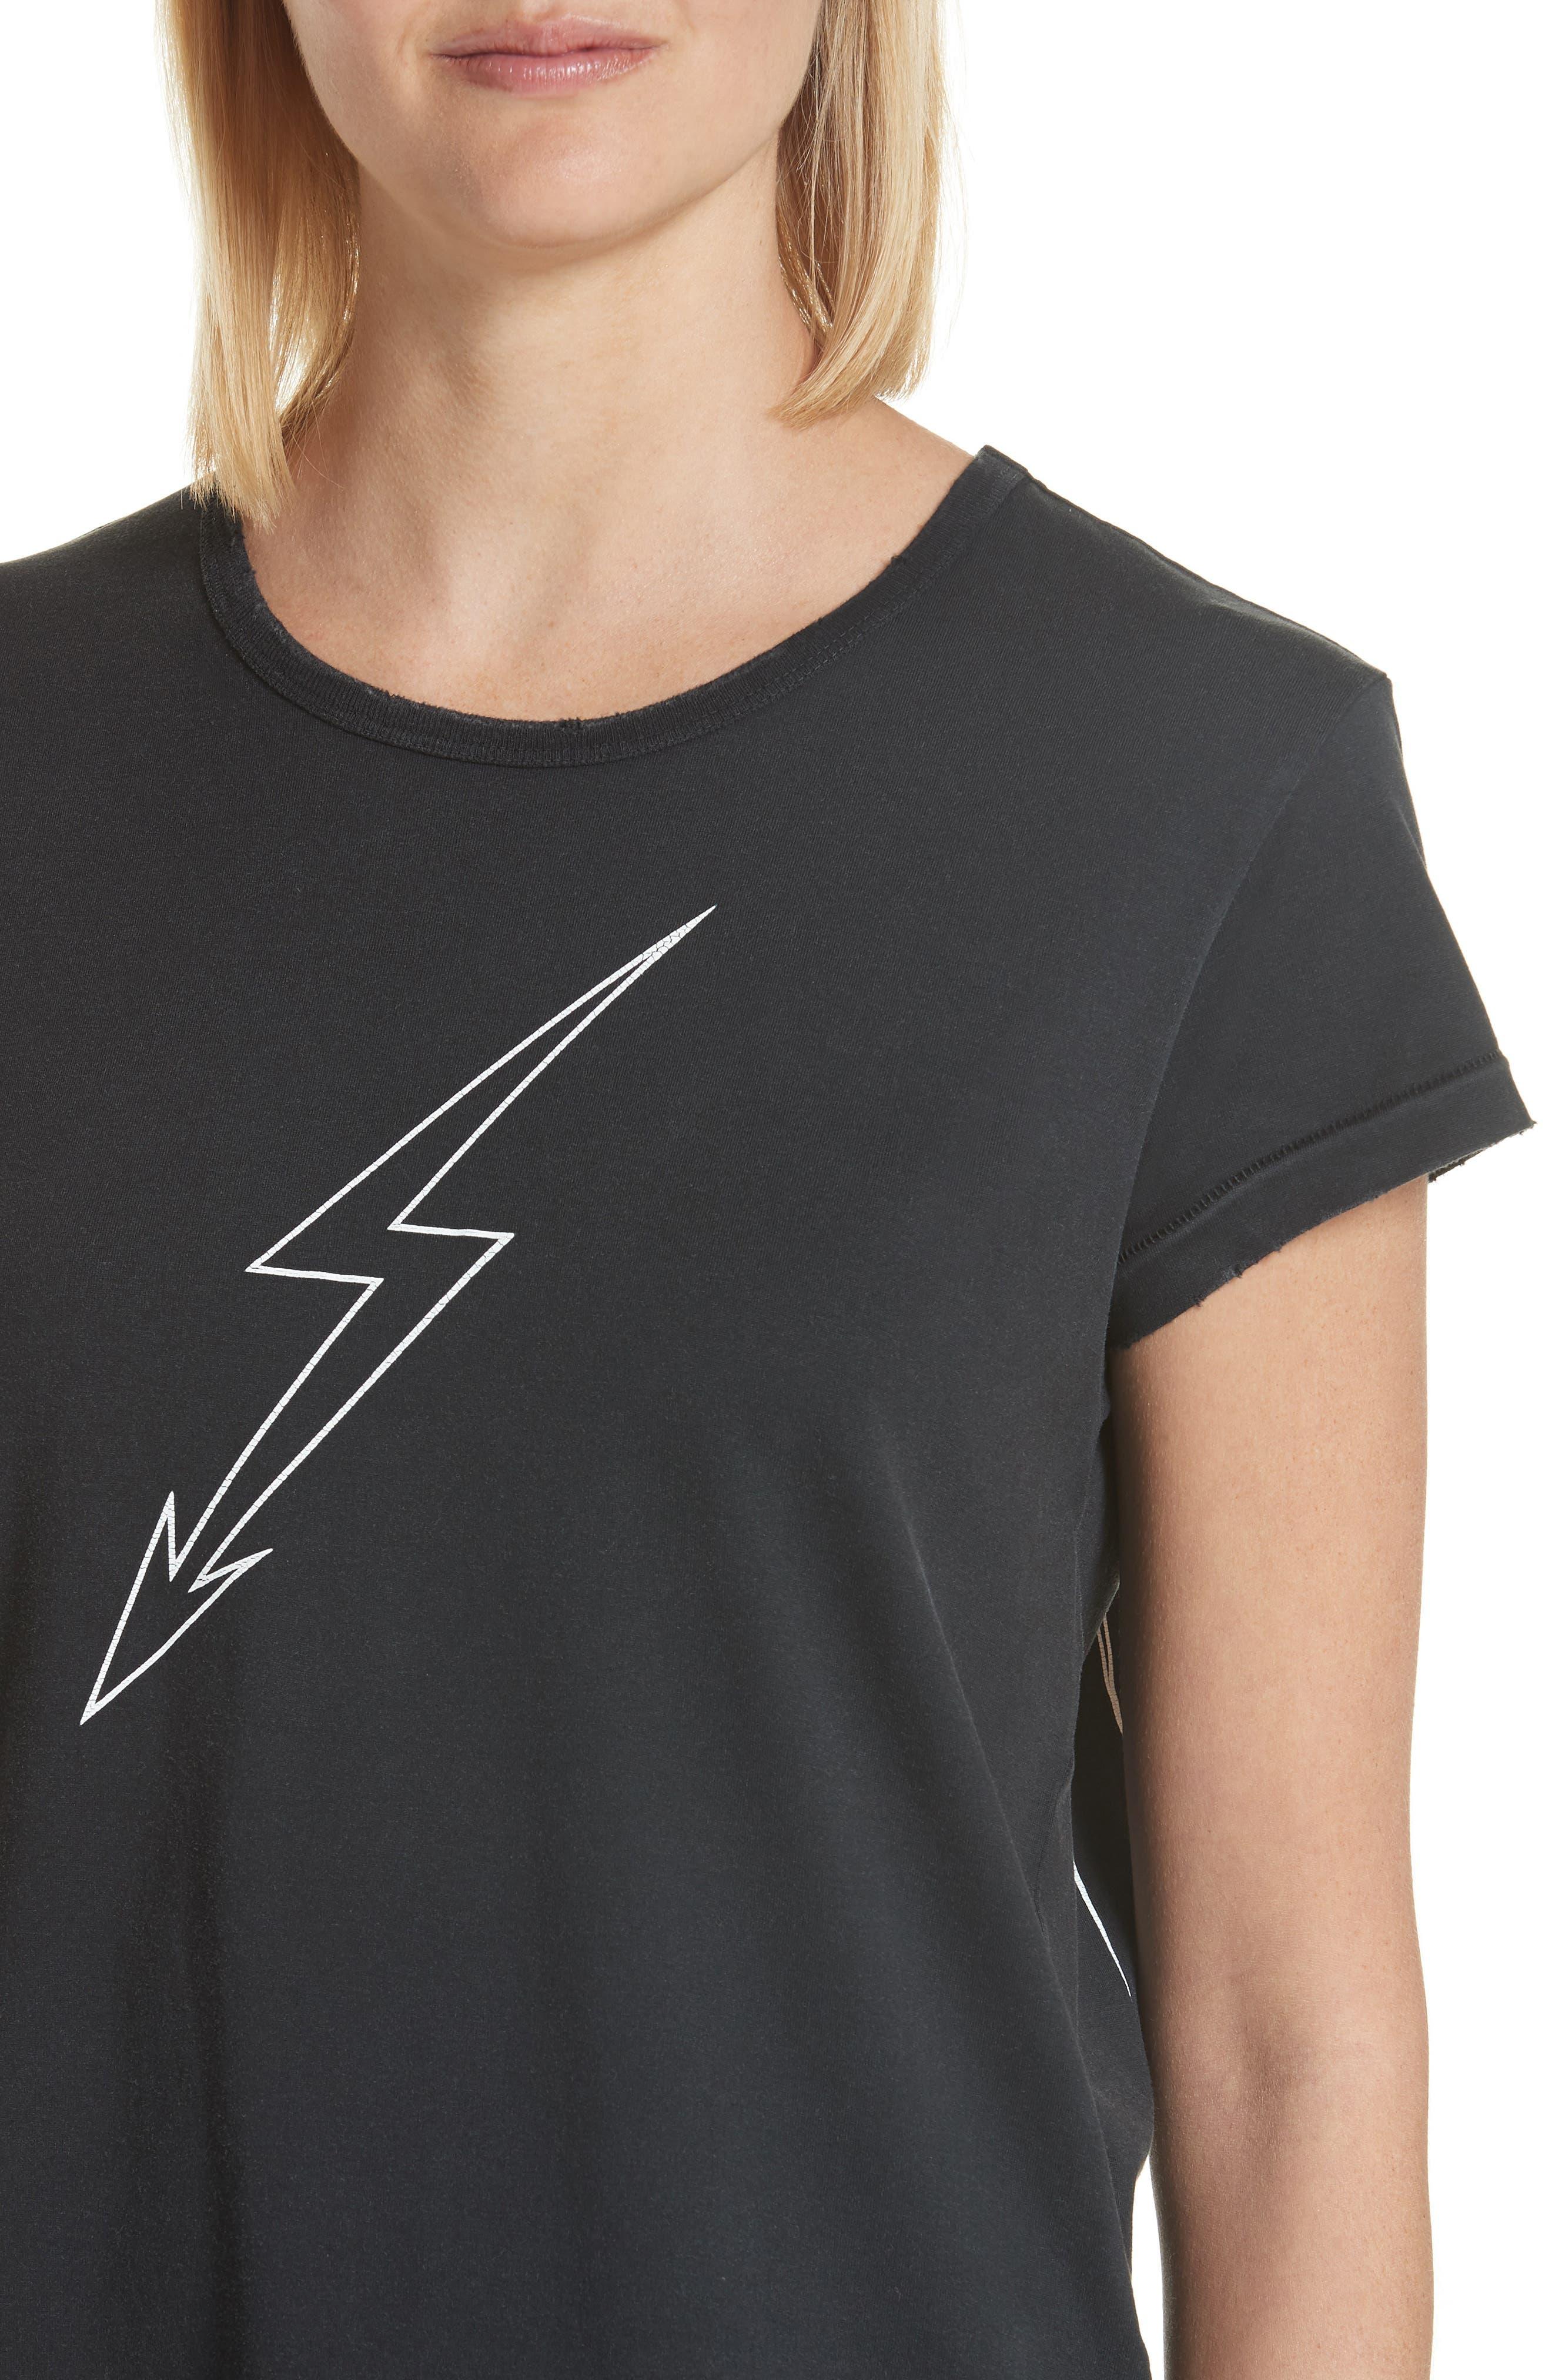 Lightning Bolt Graphic Tee,                             Alternate thumbnail 4, color,                             Black